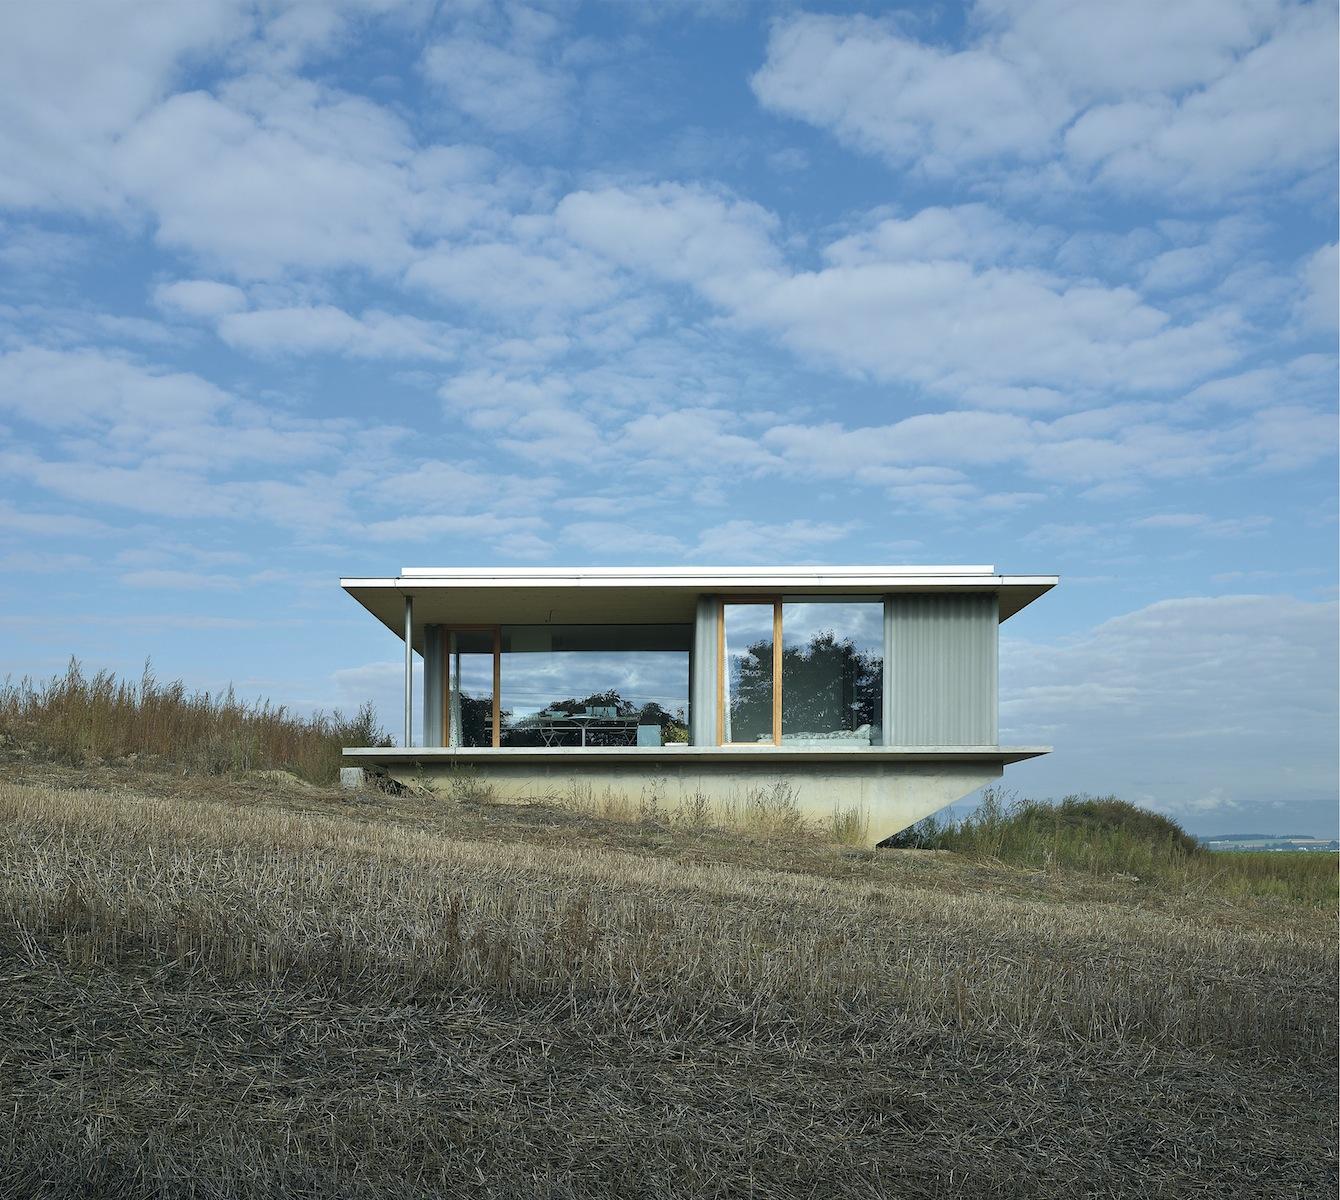 Maison de campagne contemporaine spectaculaire bâtie en Suisse au cœur de la nature